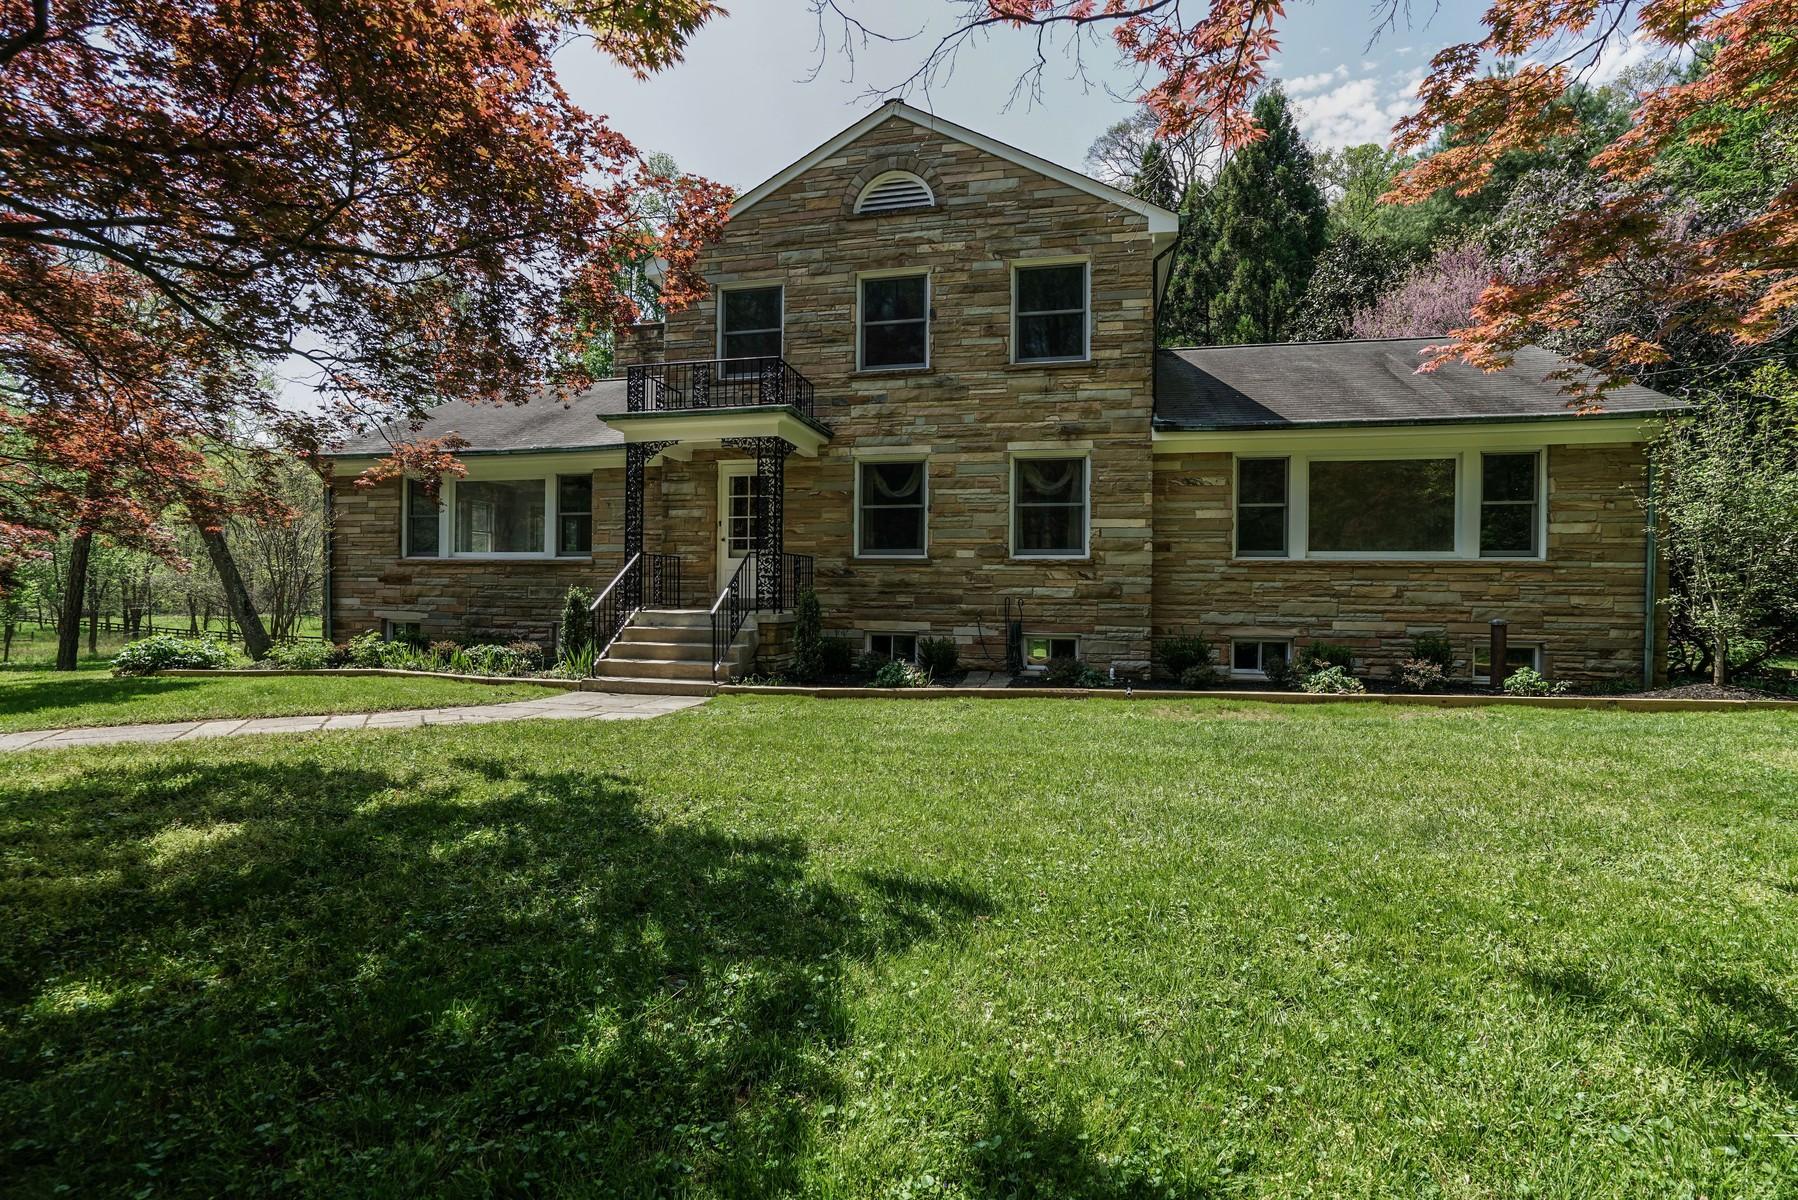 Casa Unifamiliar por un Venta en Stone Colonial on 4 Acres 959 Millwood Ln Great Falls, Virginia, 22066 Estados Unidos